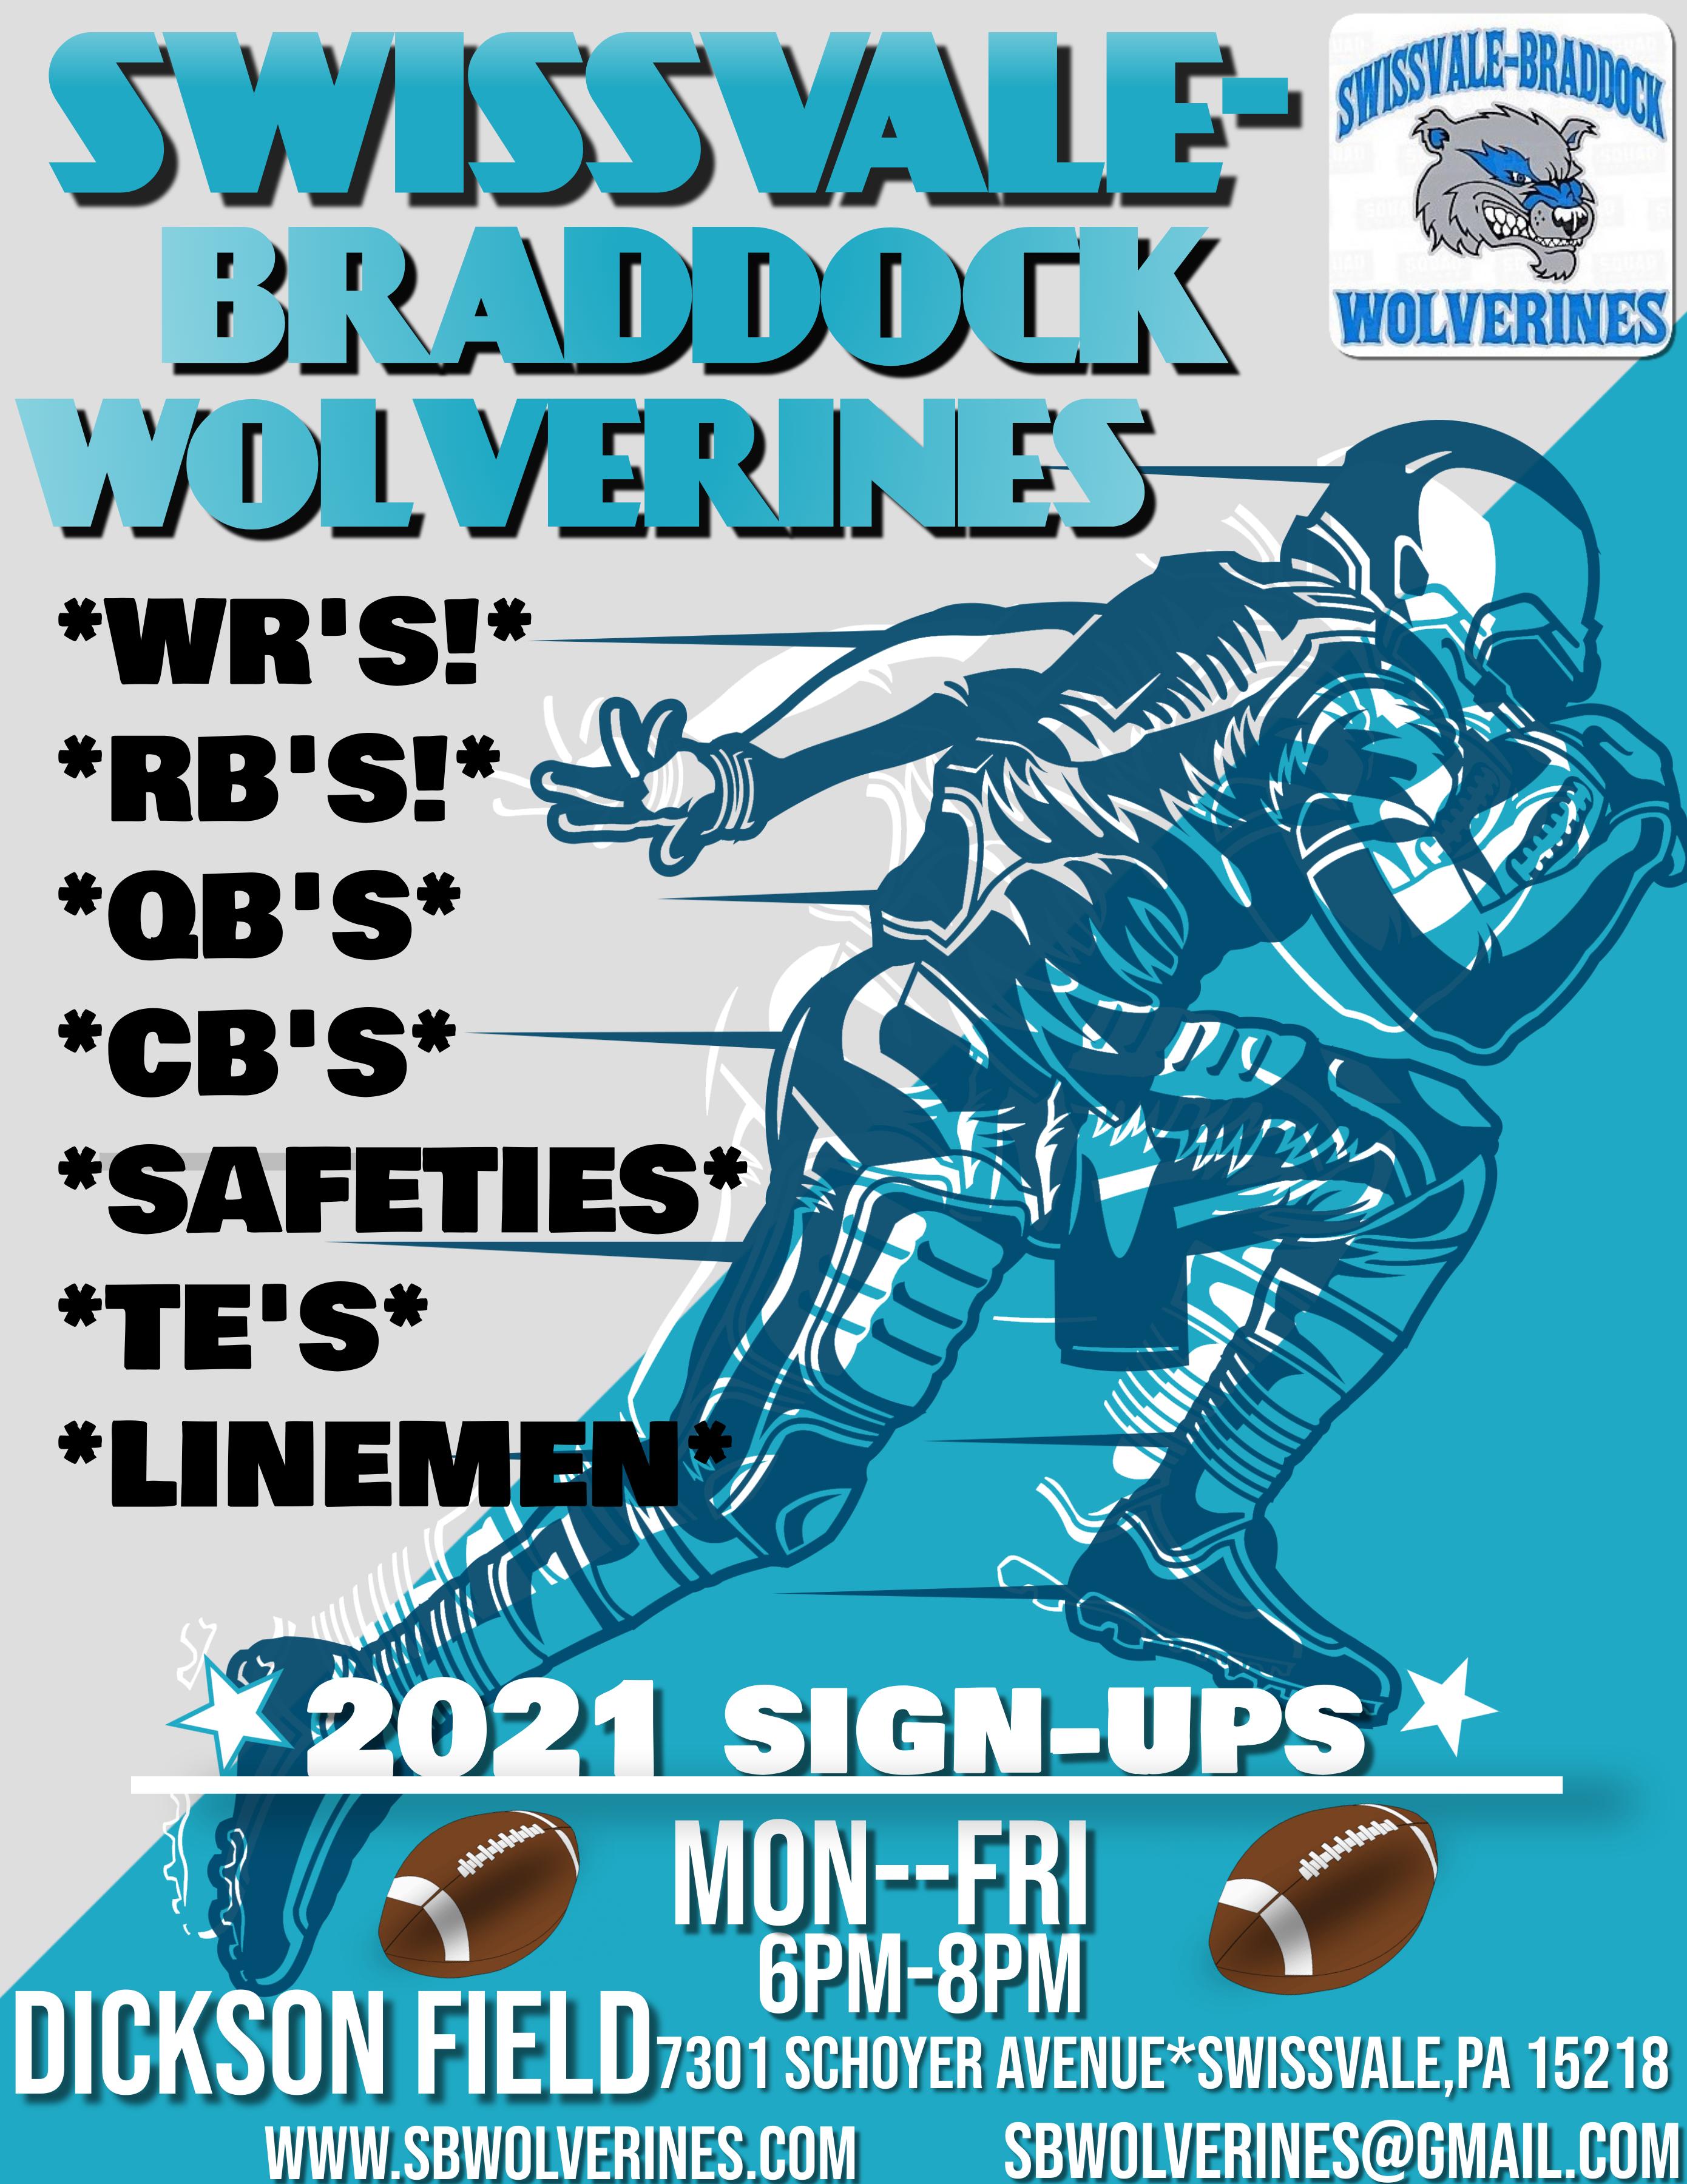 The Swissvale-Braddock Wolverines Logo